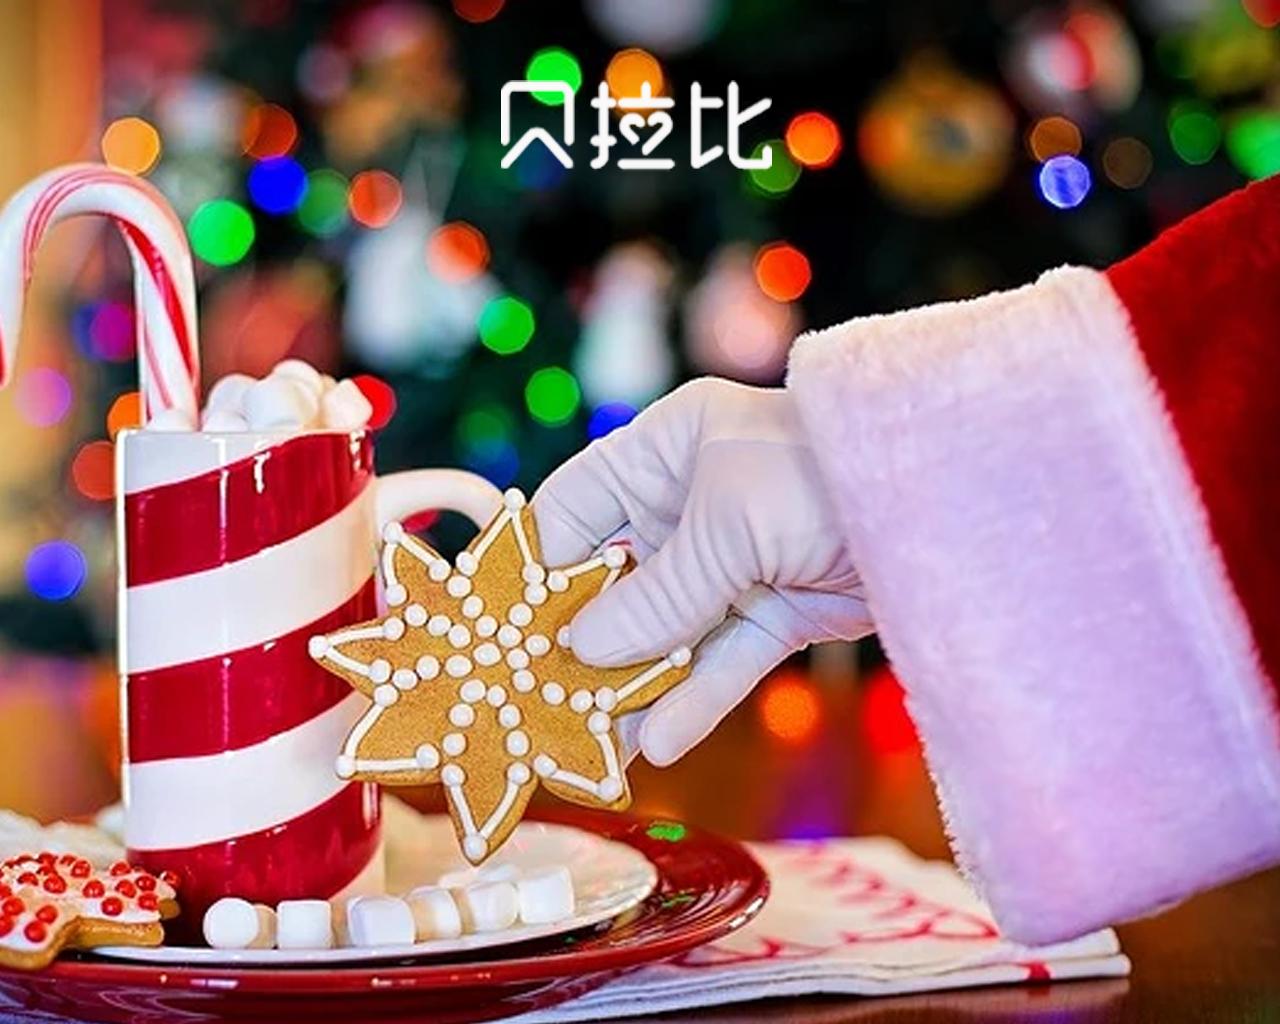 圣诞攻略|让所有孩子尖叫的圣诞礼物清单,赶紧收藏!